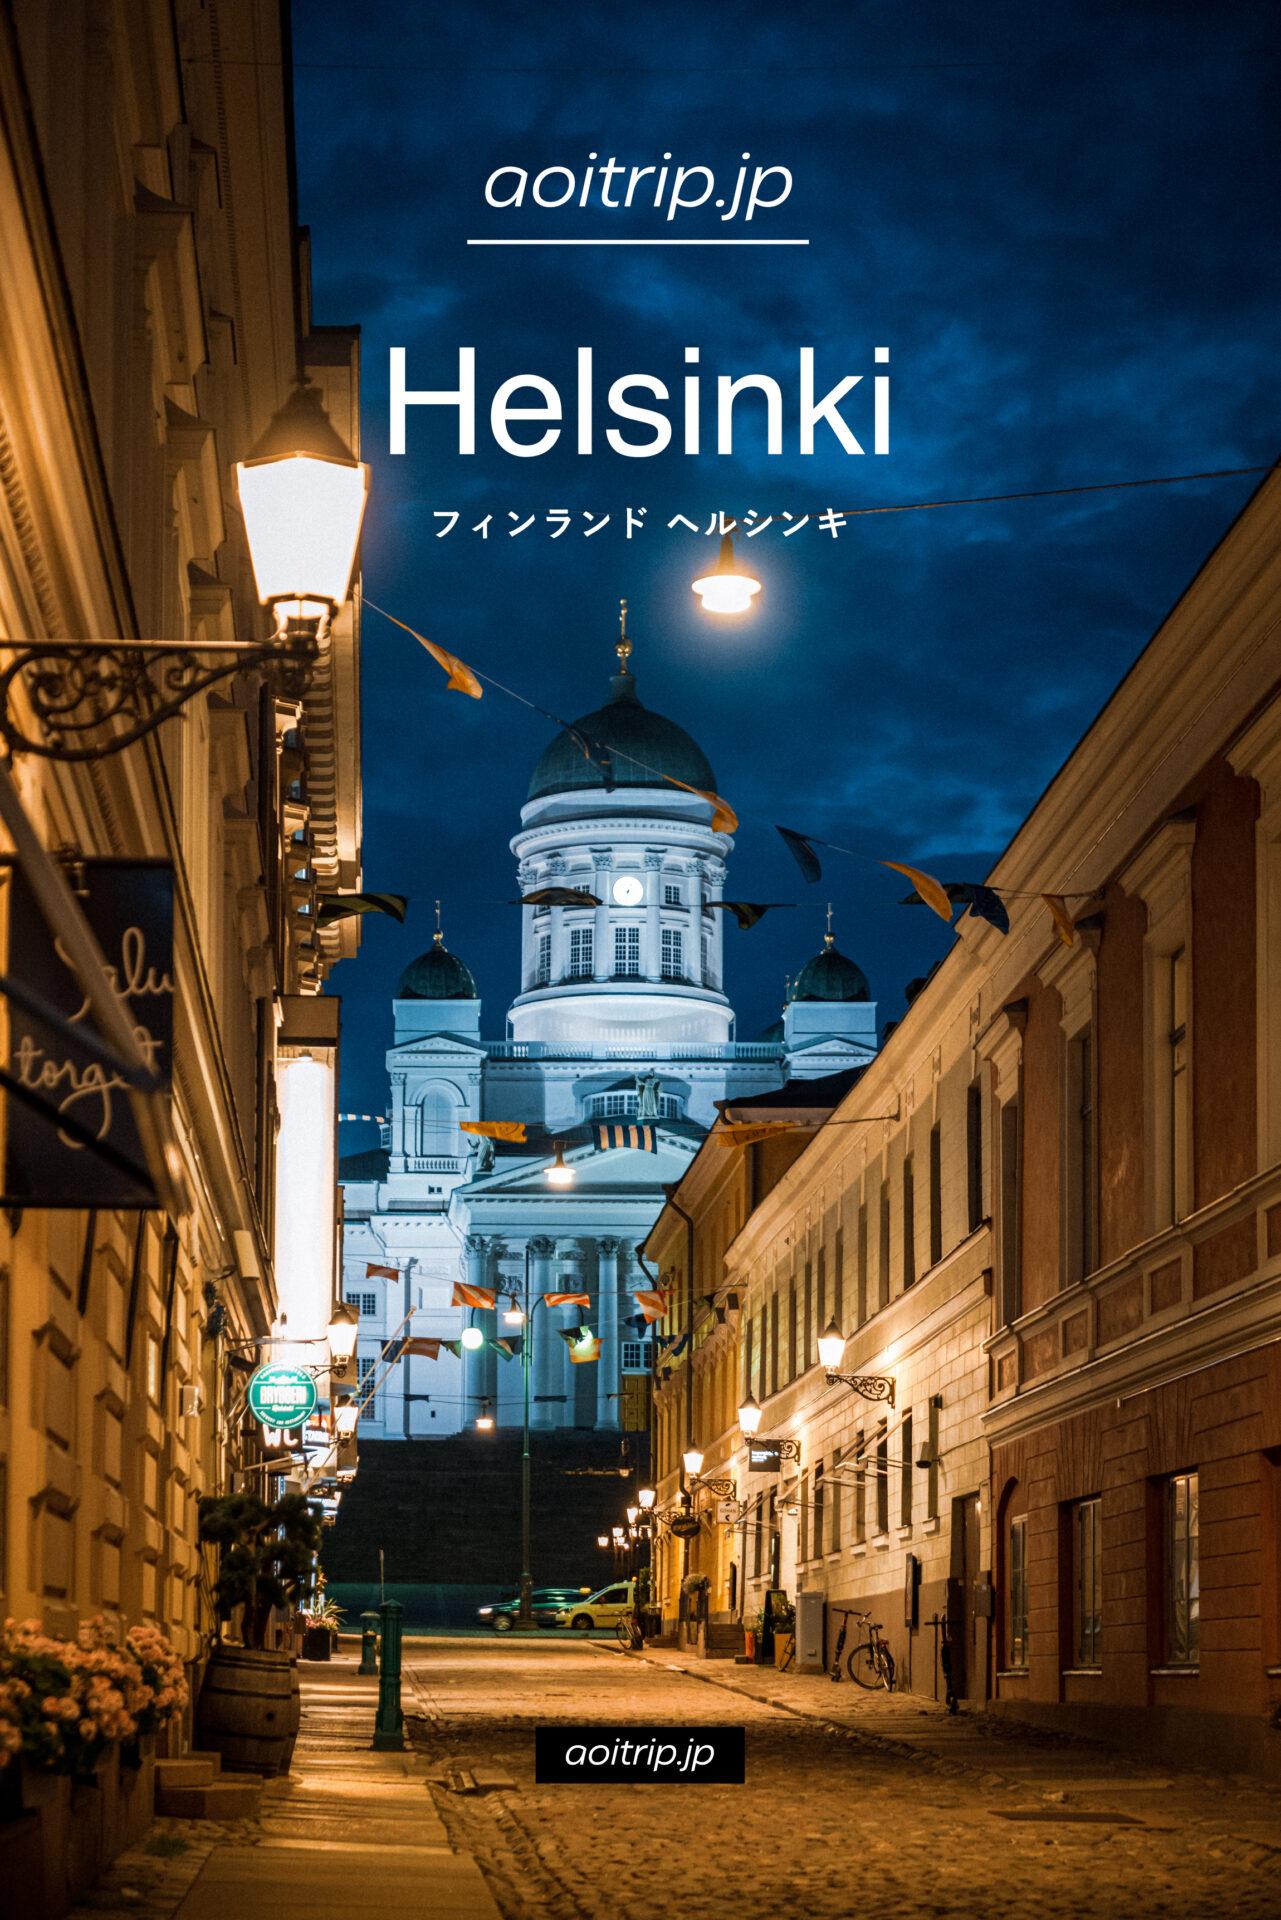 フィンランド ヘルシンキ観光の見どころ 旅行ガイド|Helsinki Travel Guide